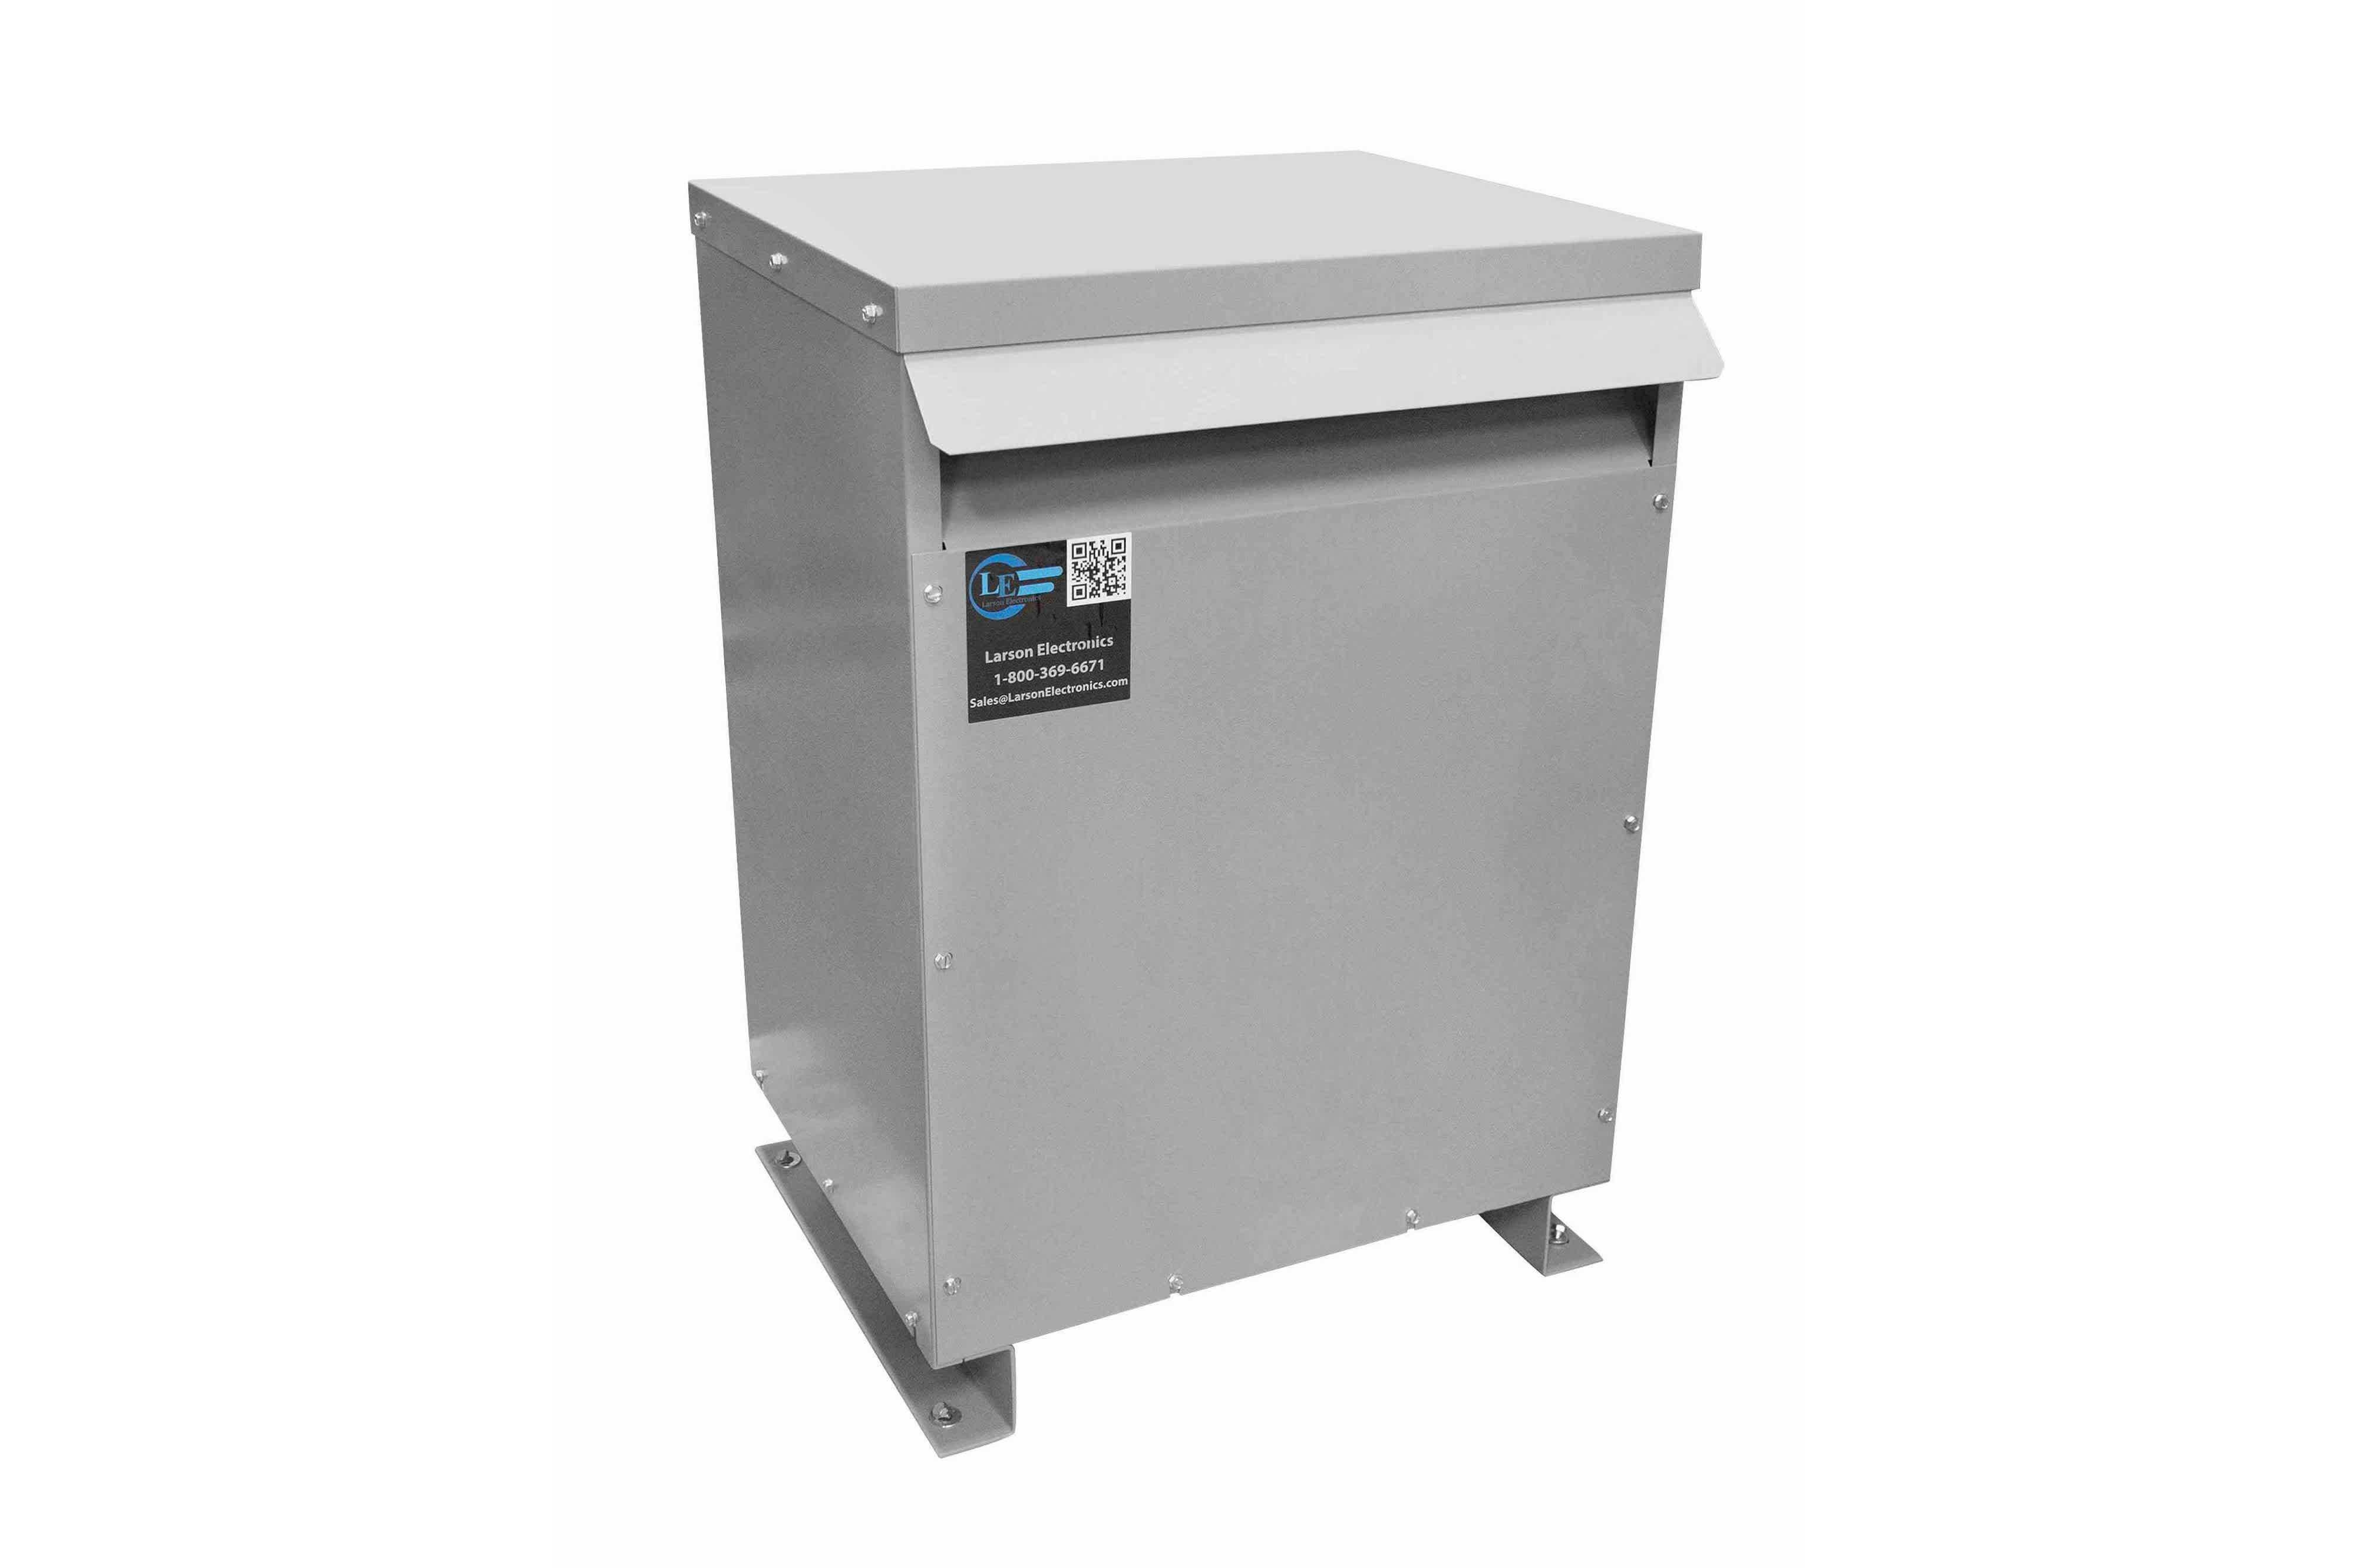 36 kVA 3PH Isolation Transformer, 208V Delta Primary, 380V Delta Secondary, N3R, Ventilated, 60 Hz